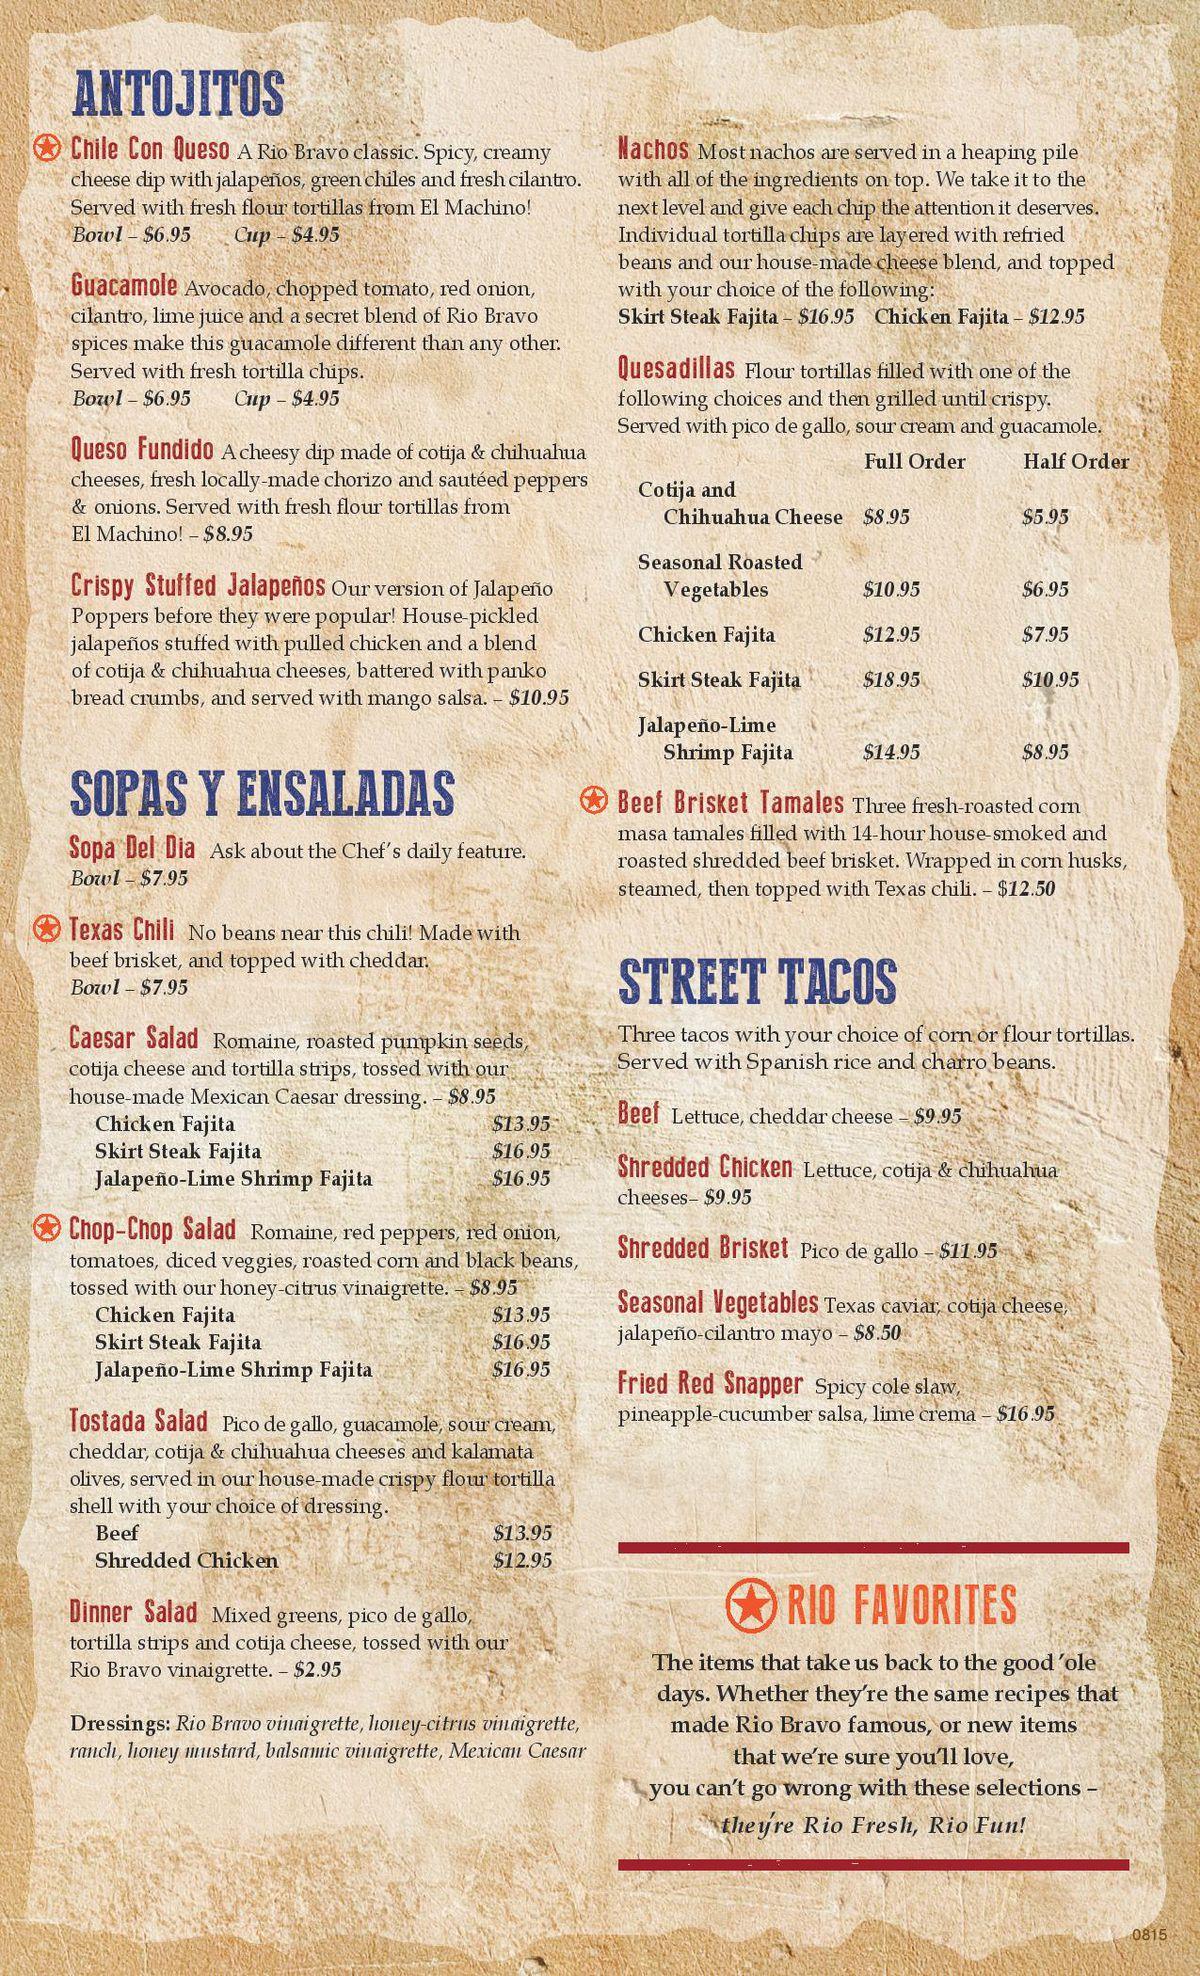 Ray's Rio Bravo menu 2